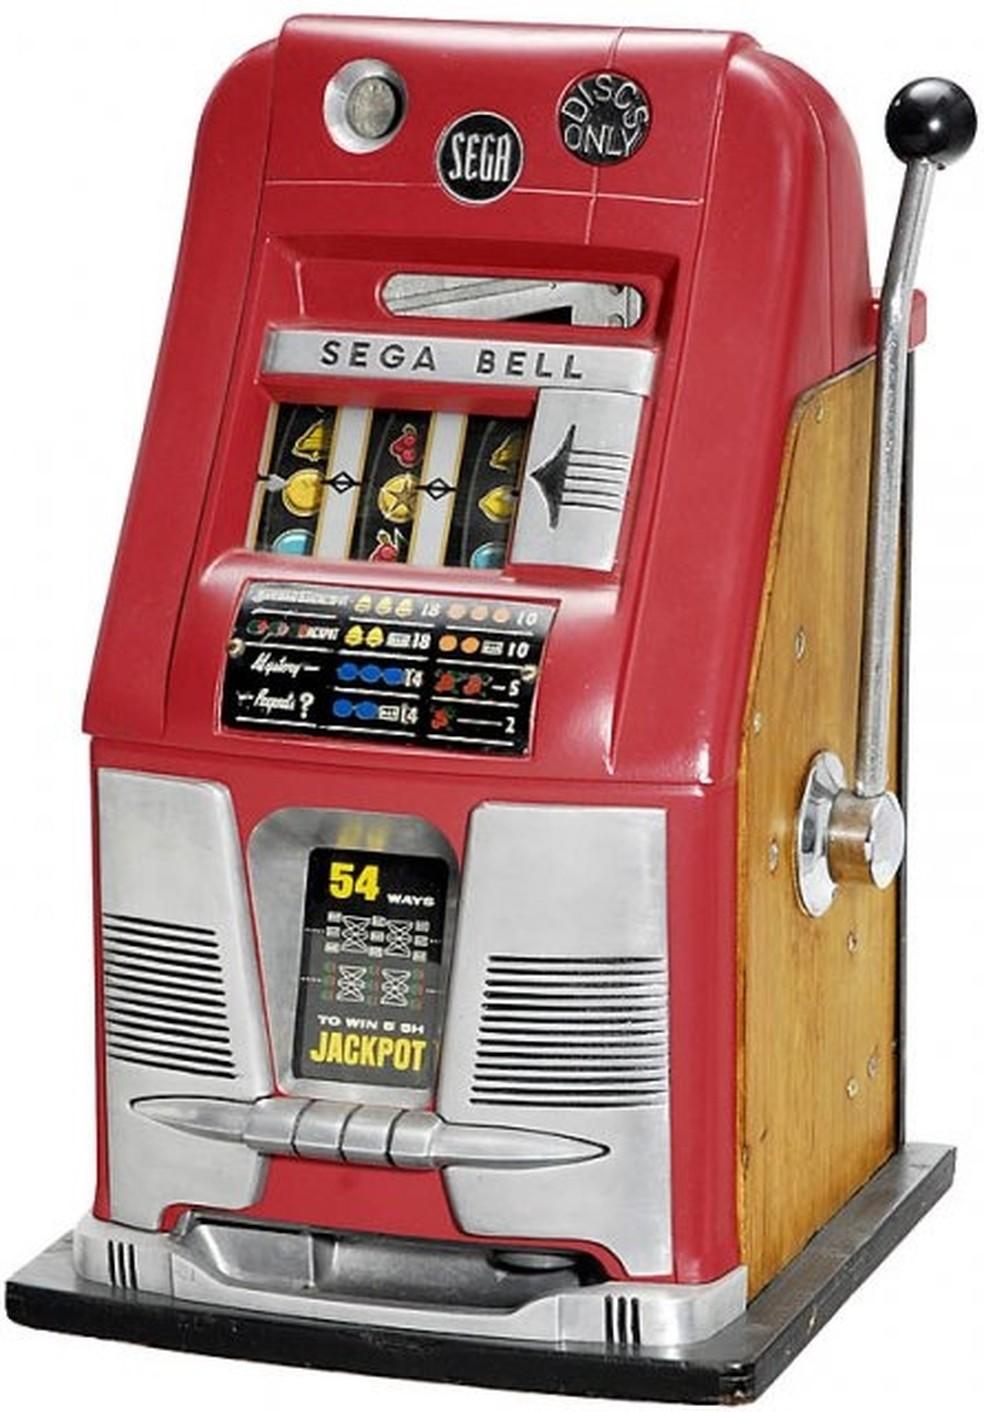 Sega Bell: máquina caça-níquel vendido pela Service Games — Foto: Reprodução/Sega Retro